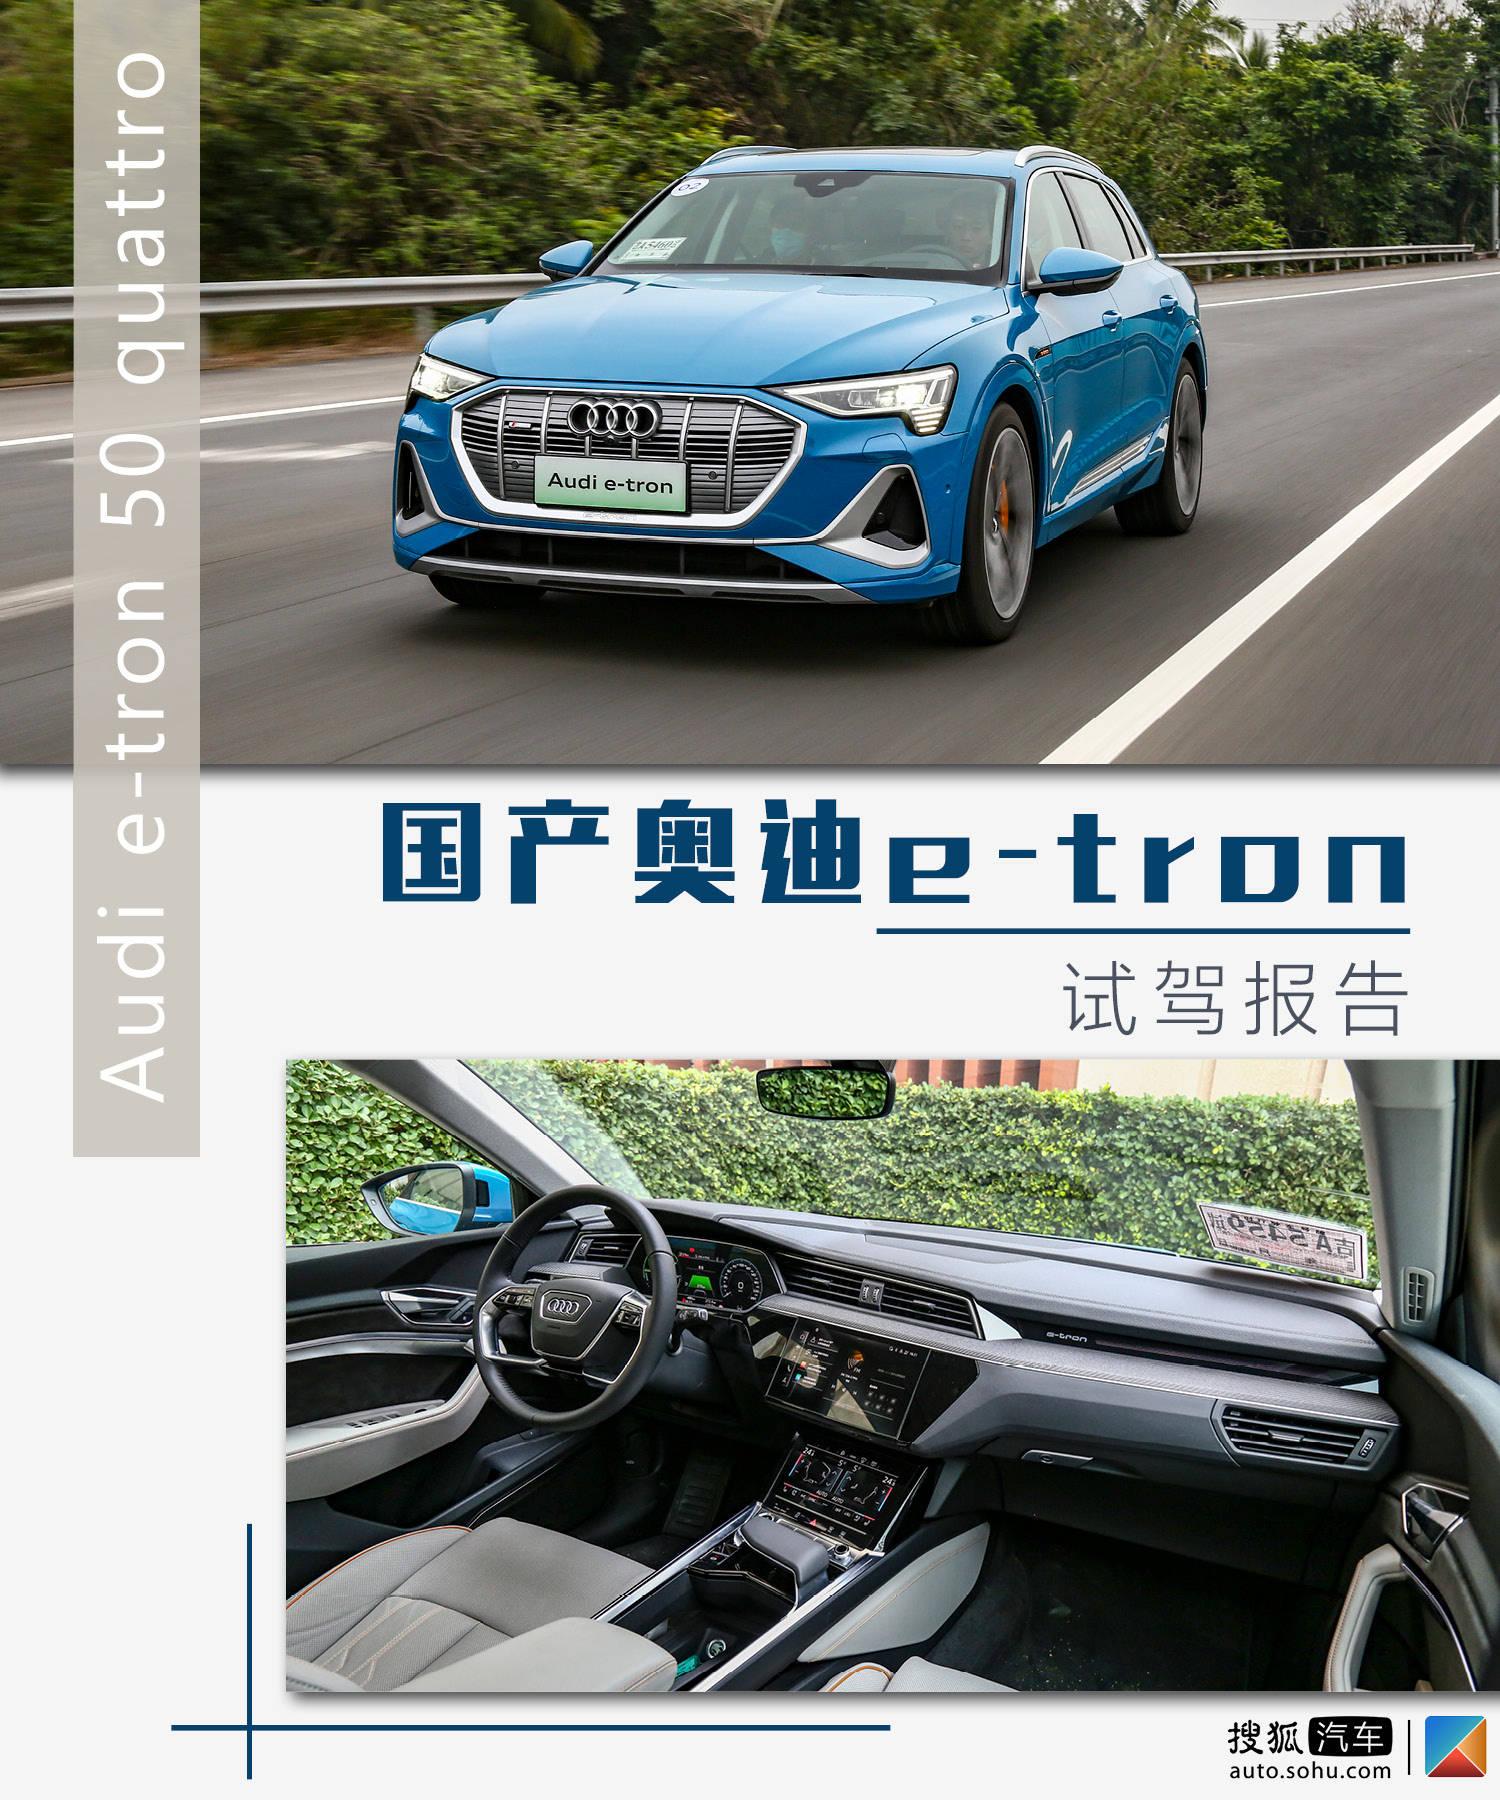 原版比导入版懂。中国消费者试驾国产奥迪电子管